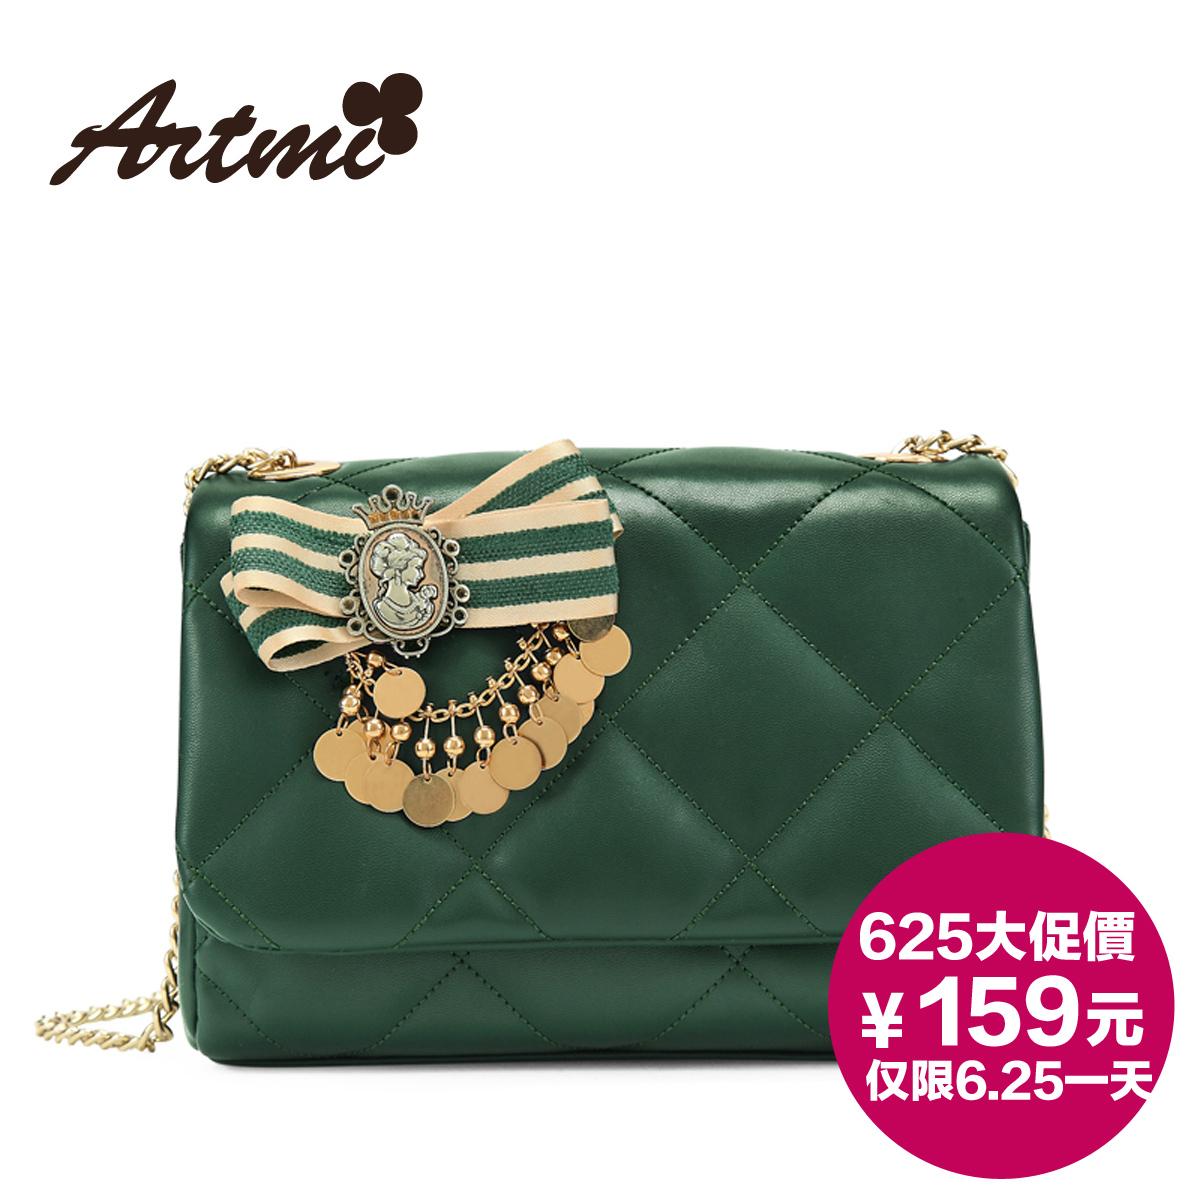 Сумка Artmi ape0529 Artmi2015 сумка artmi apf0745 artmi2015